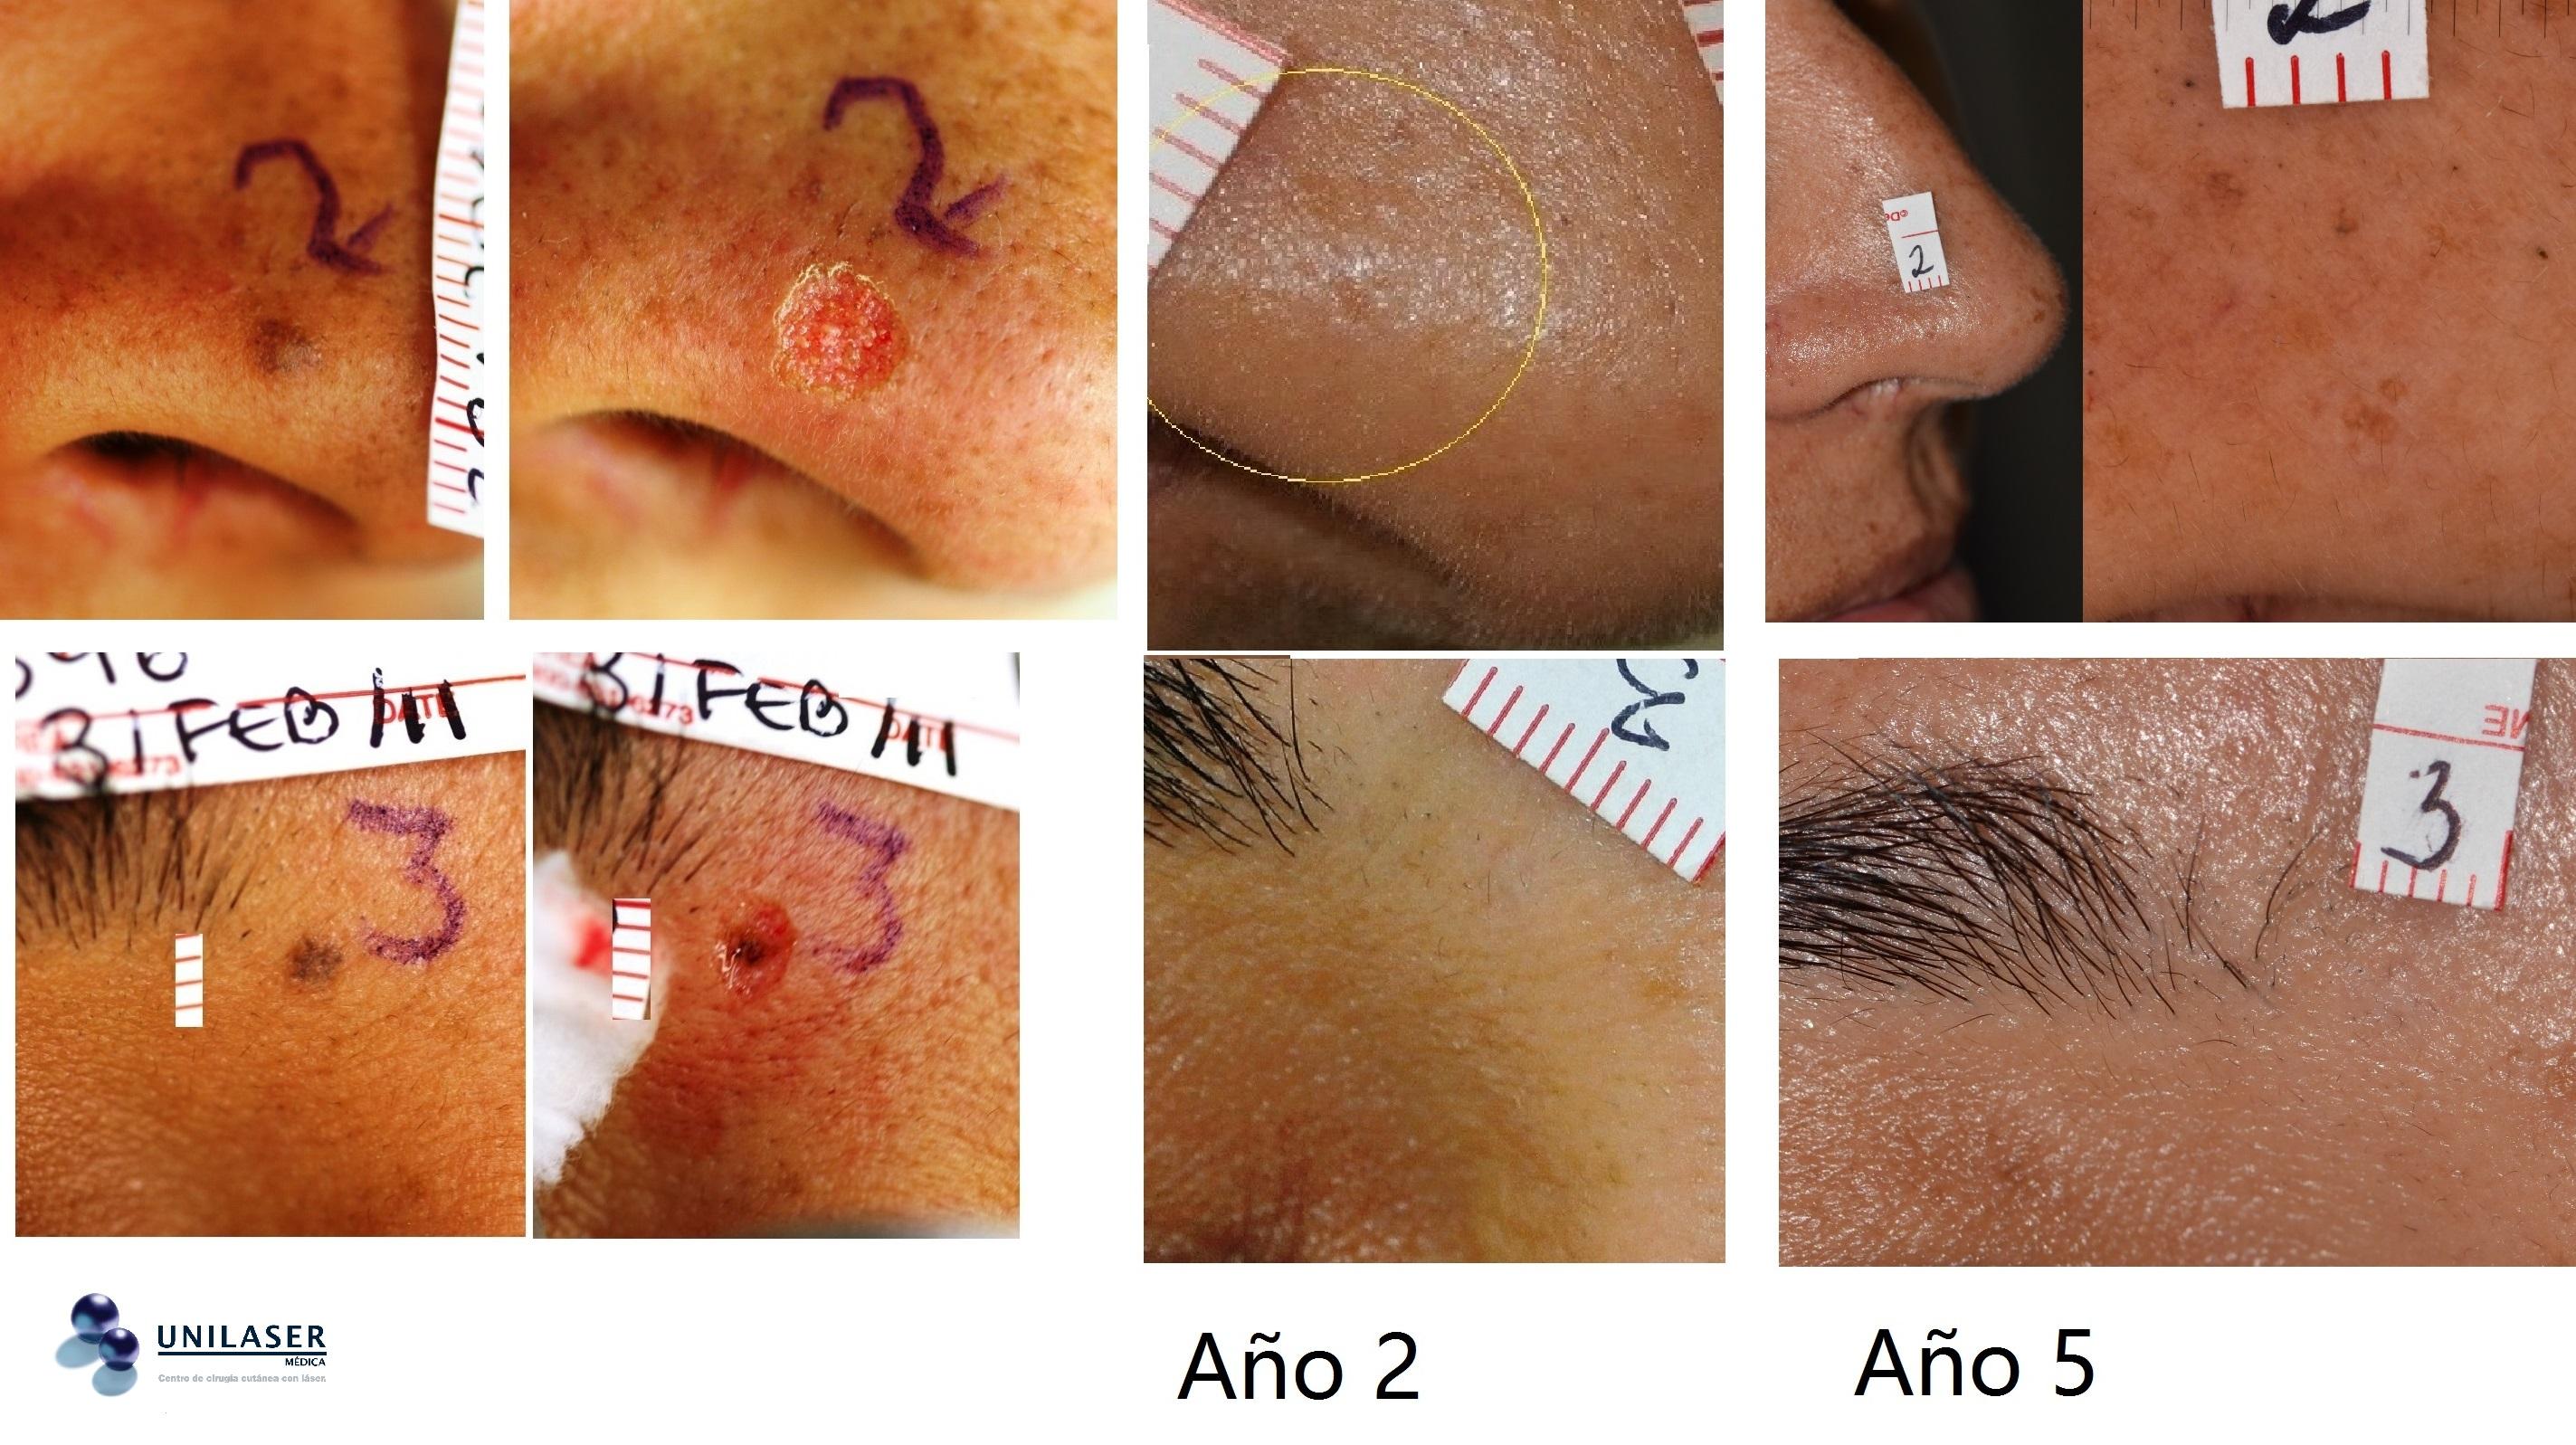 Vaporización simultánea de lunares del ala nasal y del párpado superior, resultados a 2 y 5 años